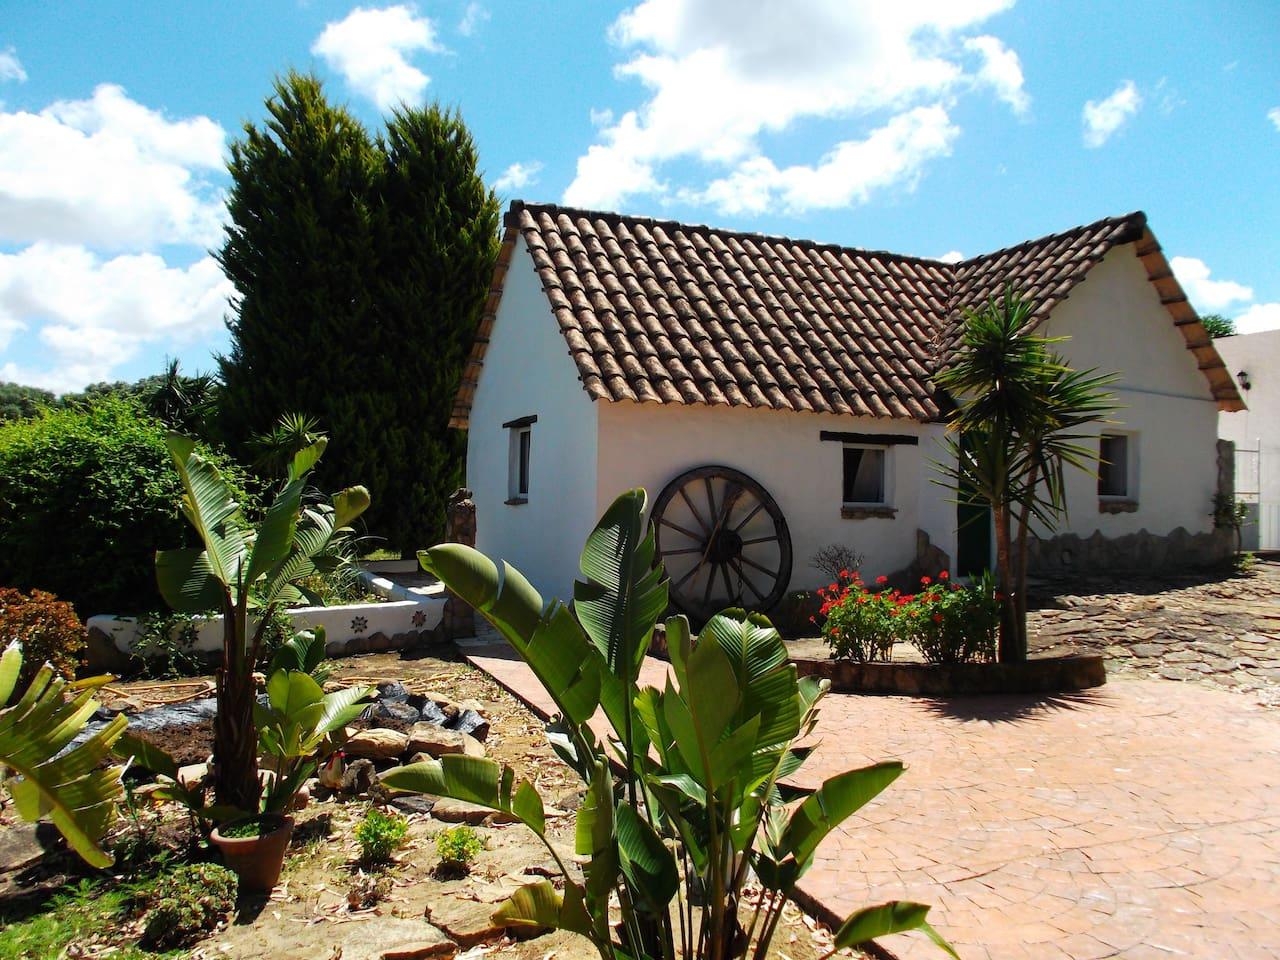 Interessantes Haus mit antikem Teil und Naturstein-Fussboden